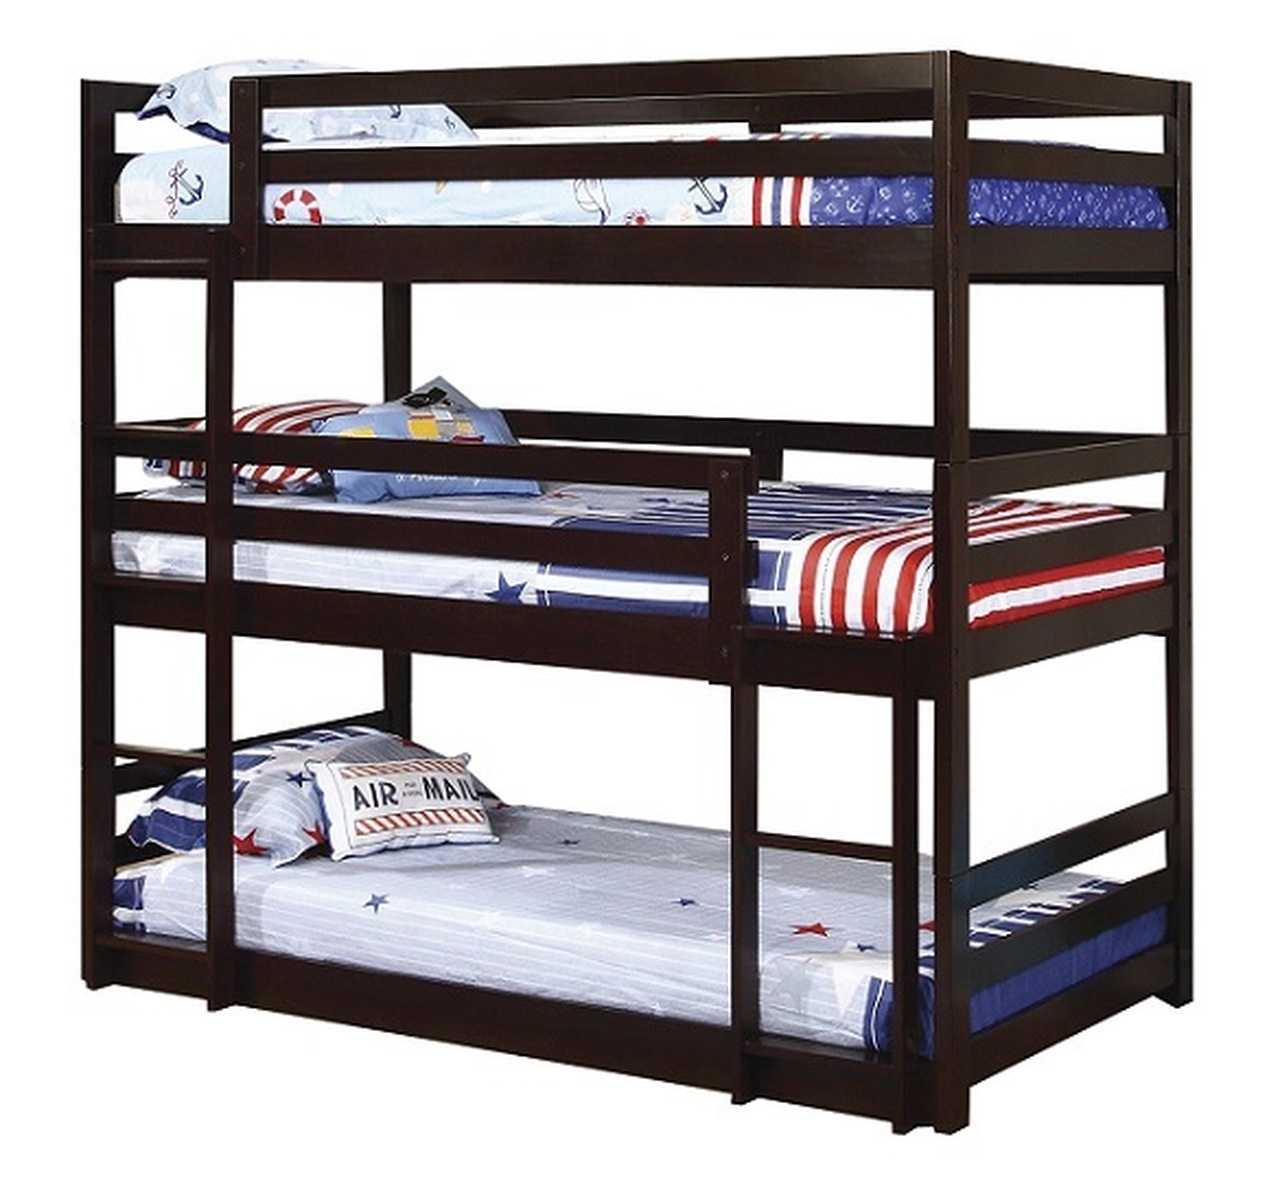 Wyatt Cappuccino Twin 3 Tier Bunk Bed